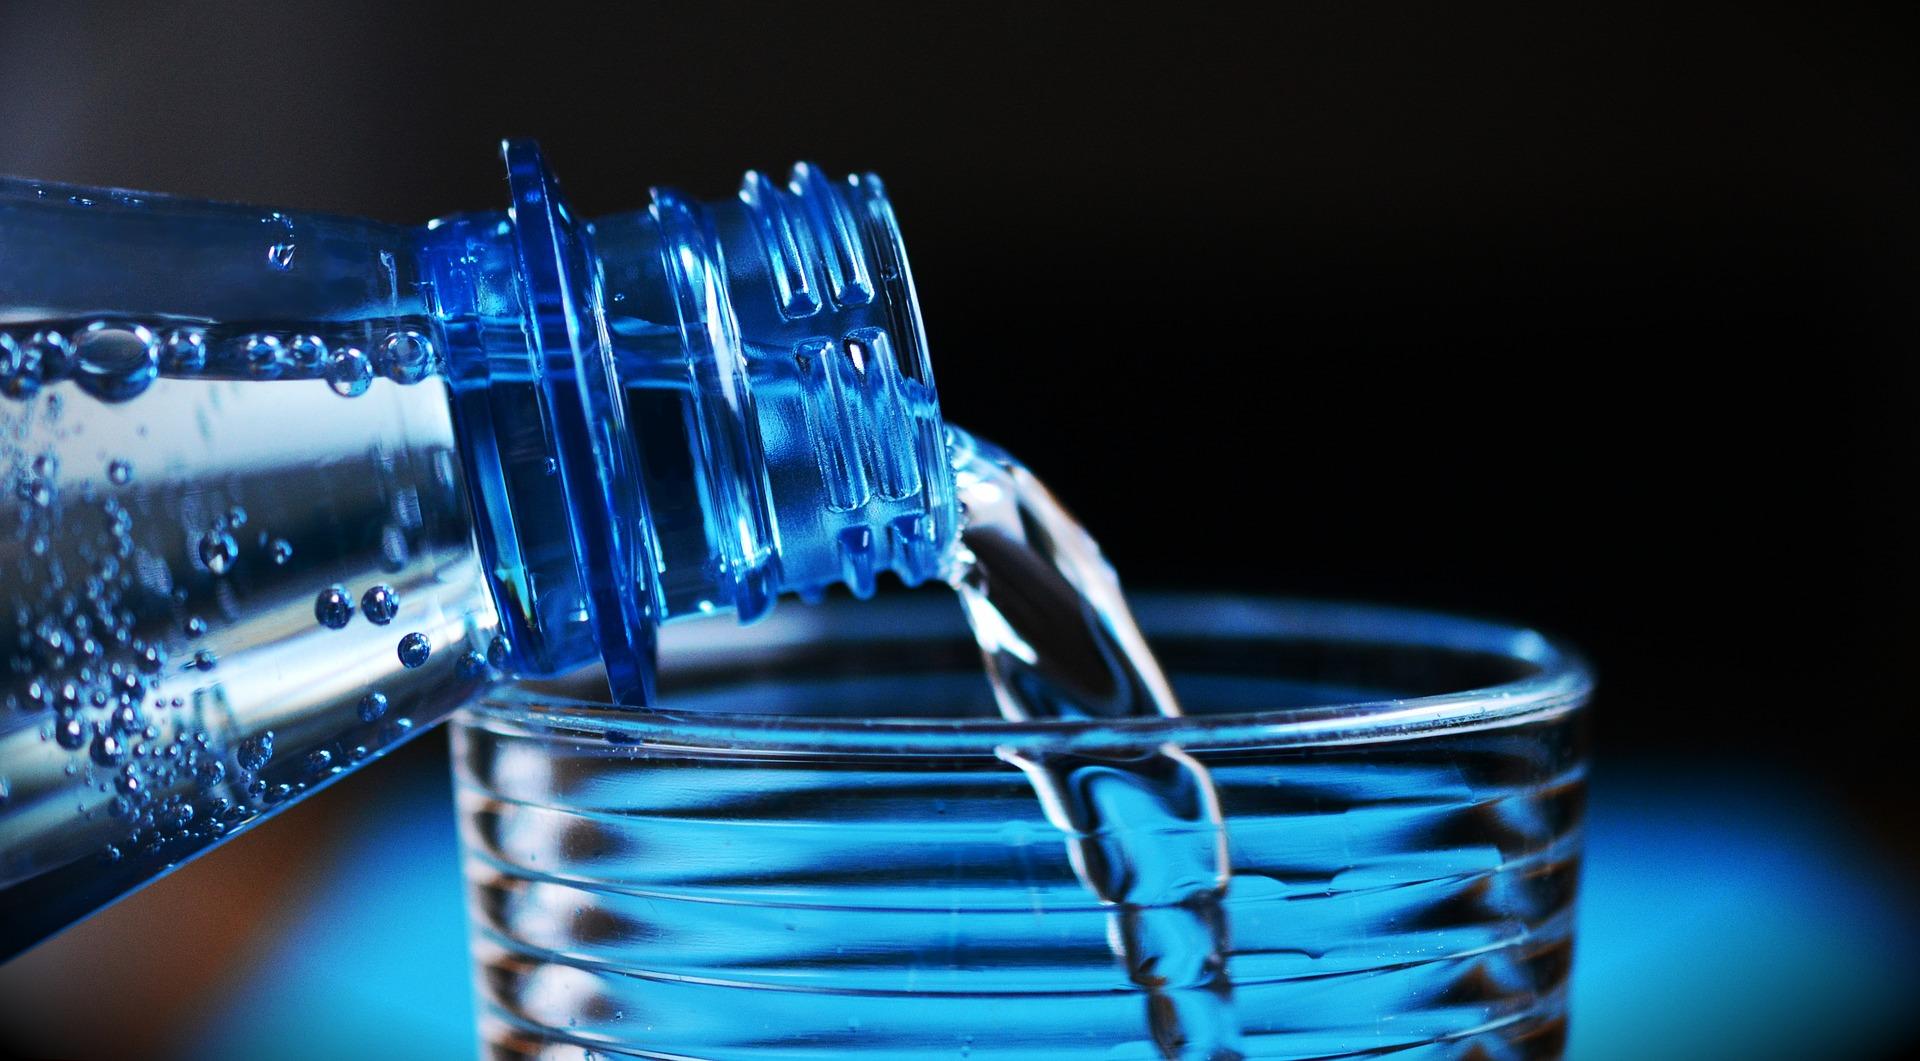 Beber agua después de las comidas: ¿por qué es saludable?